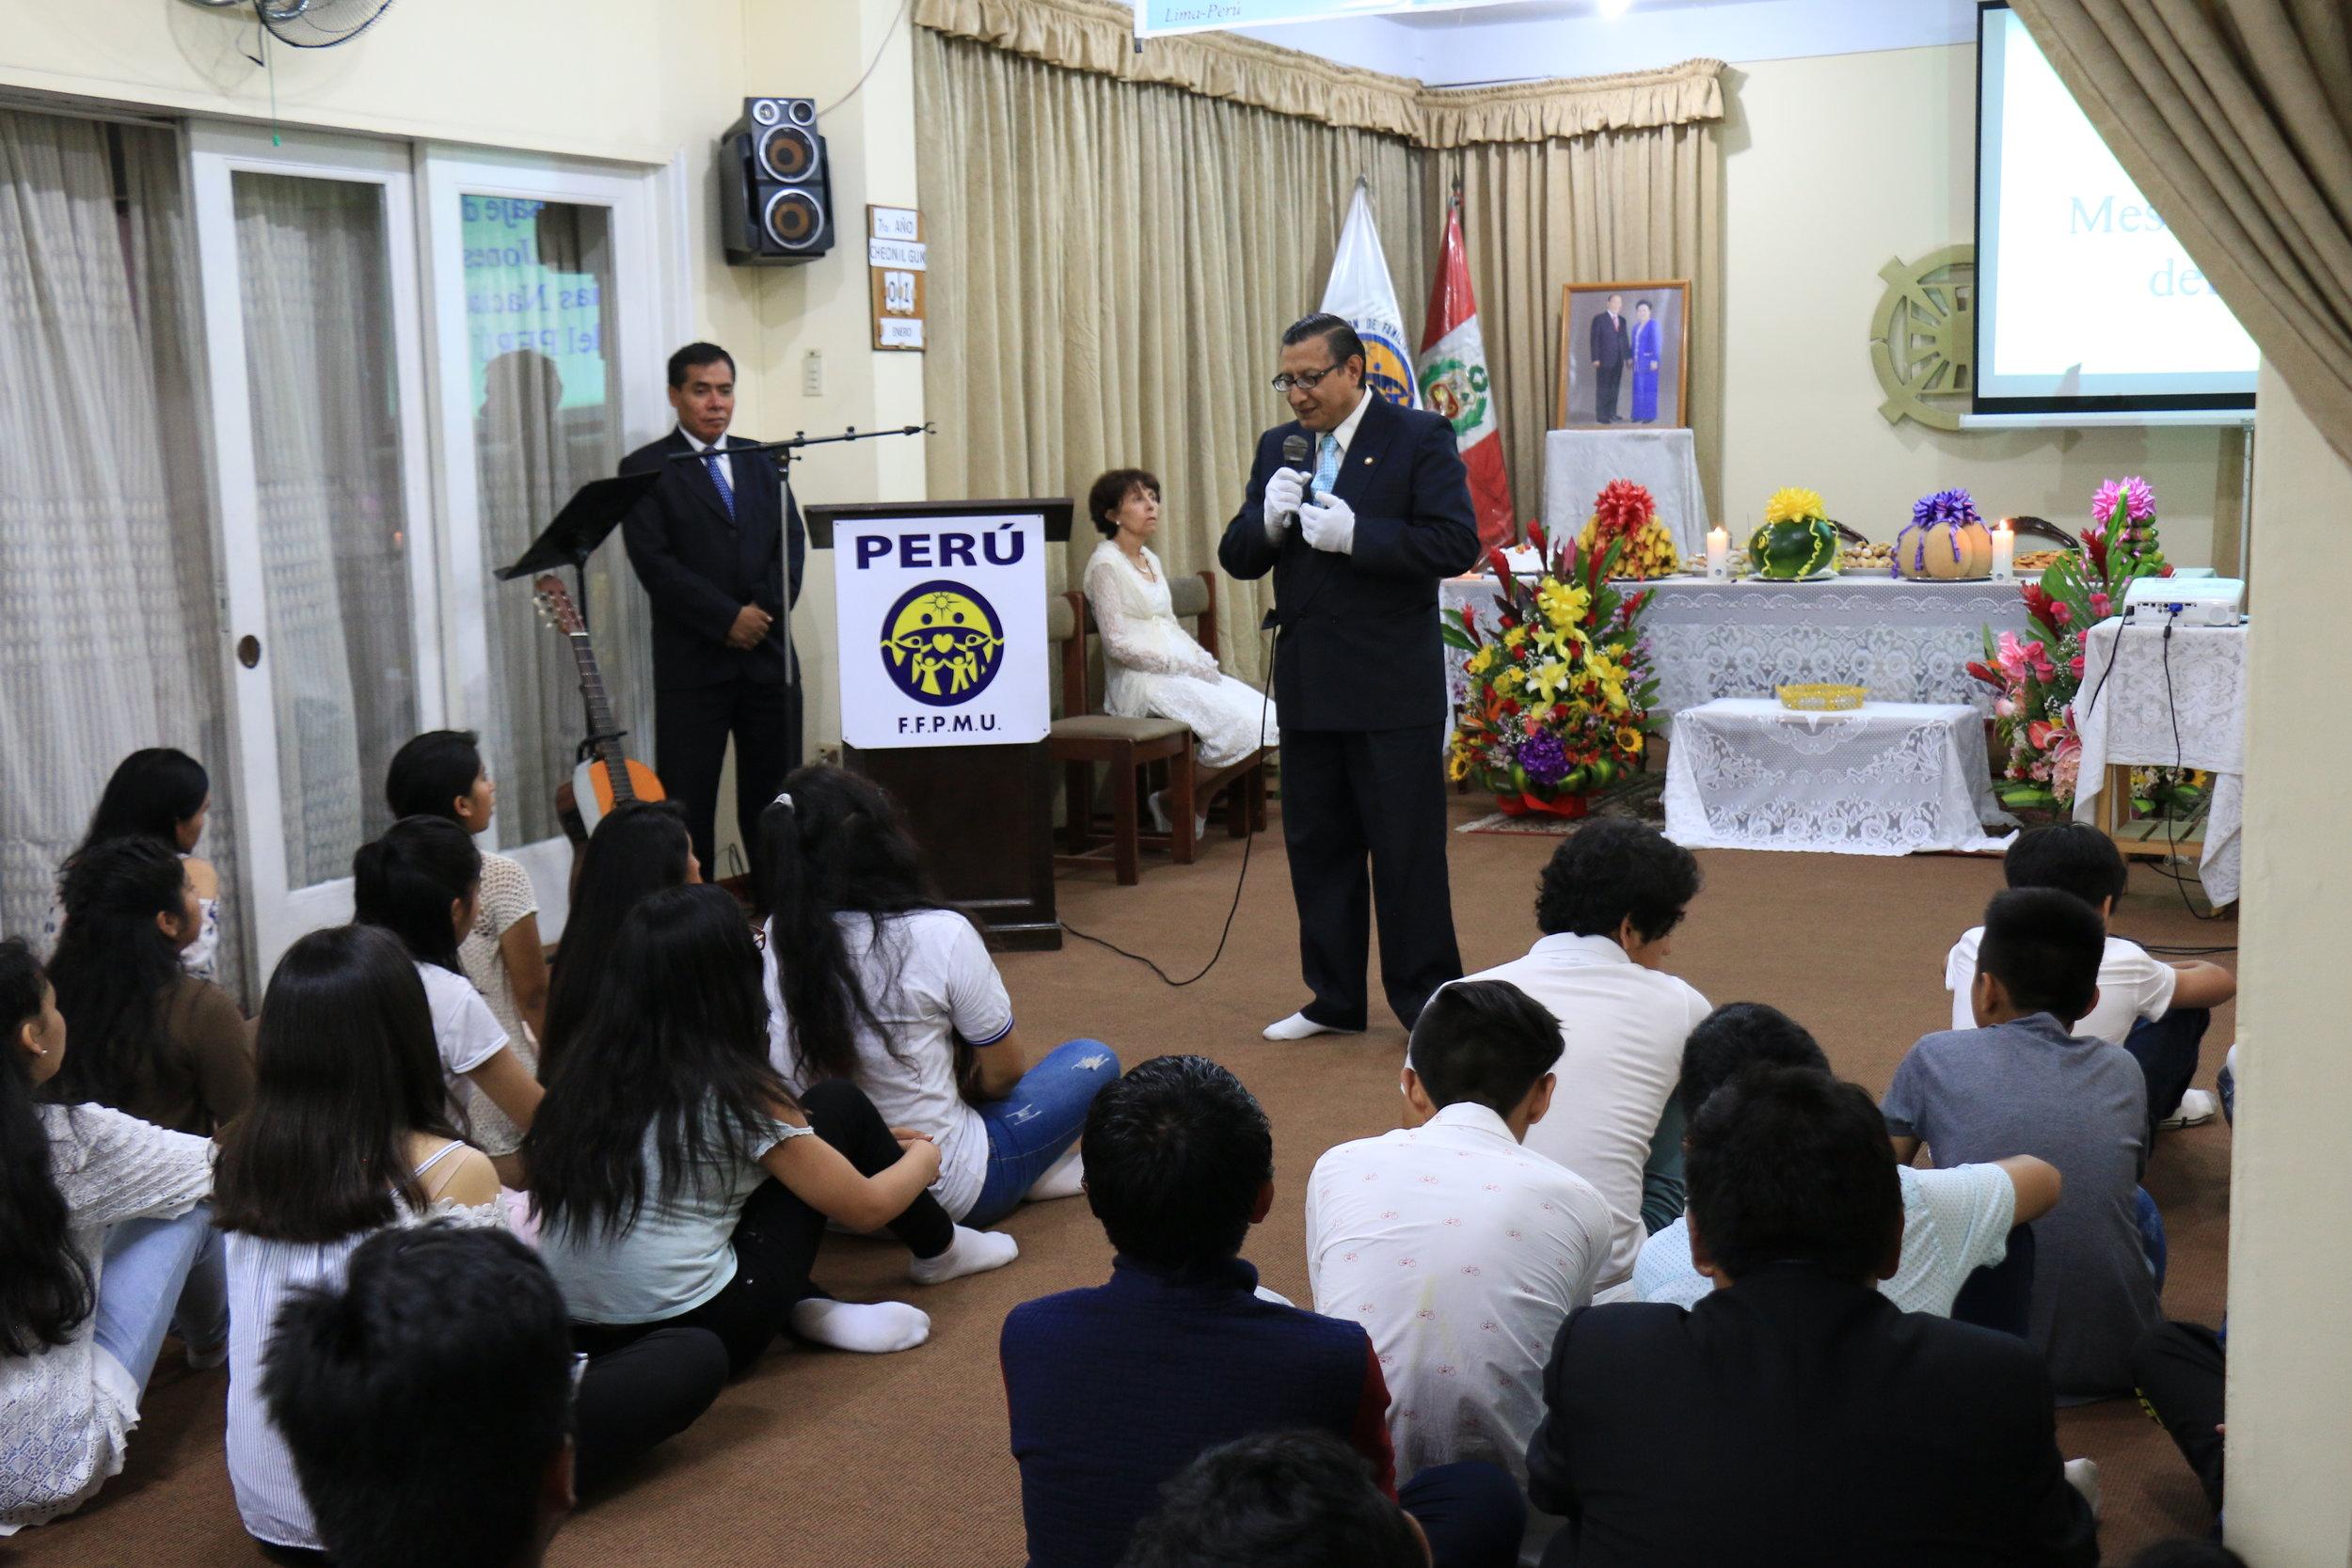 Senor Alberto giving a Sermon